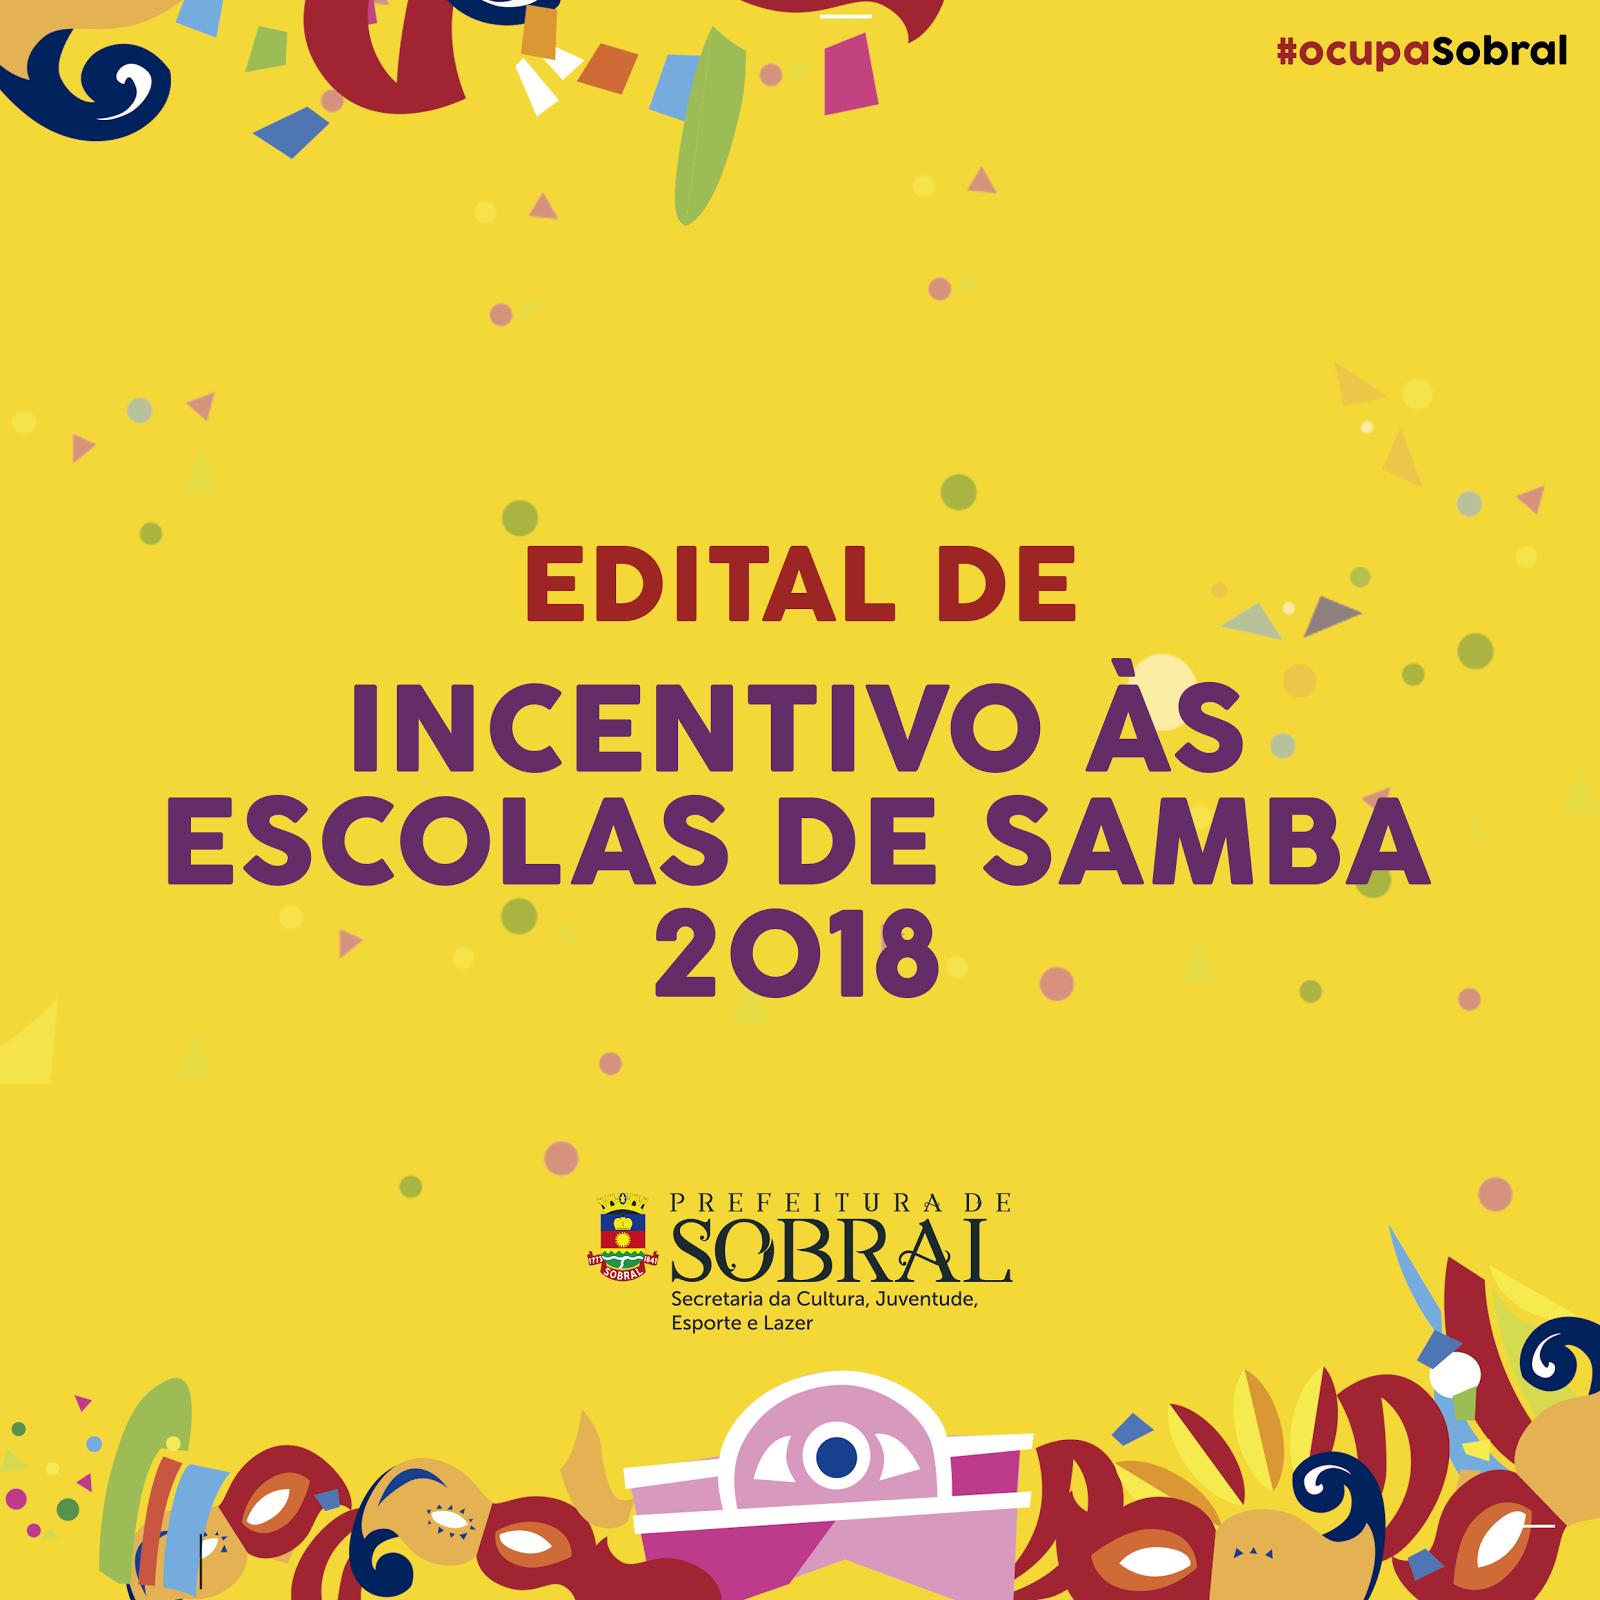 b862a060a A Prefeitura de Sobral, por meio da Secretaria da Cultura, Juventude,  Esporte e Lazer (Secjel), torna pública a realização do edital nº 001/2018  de ...